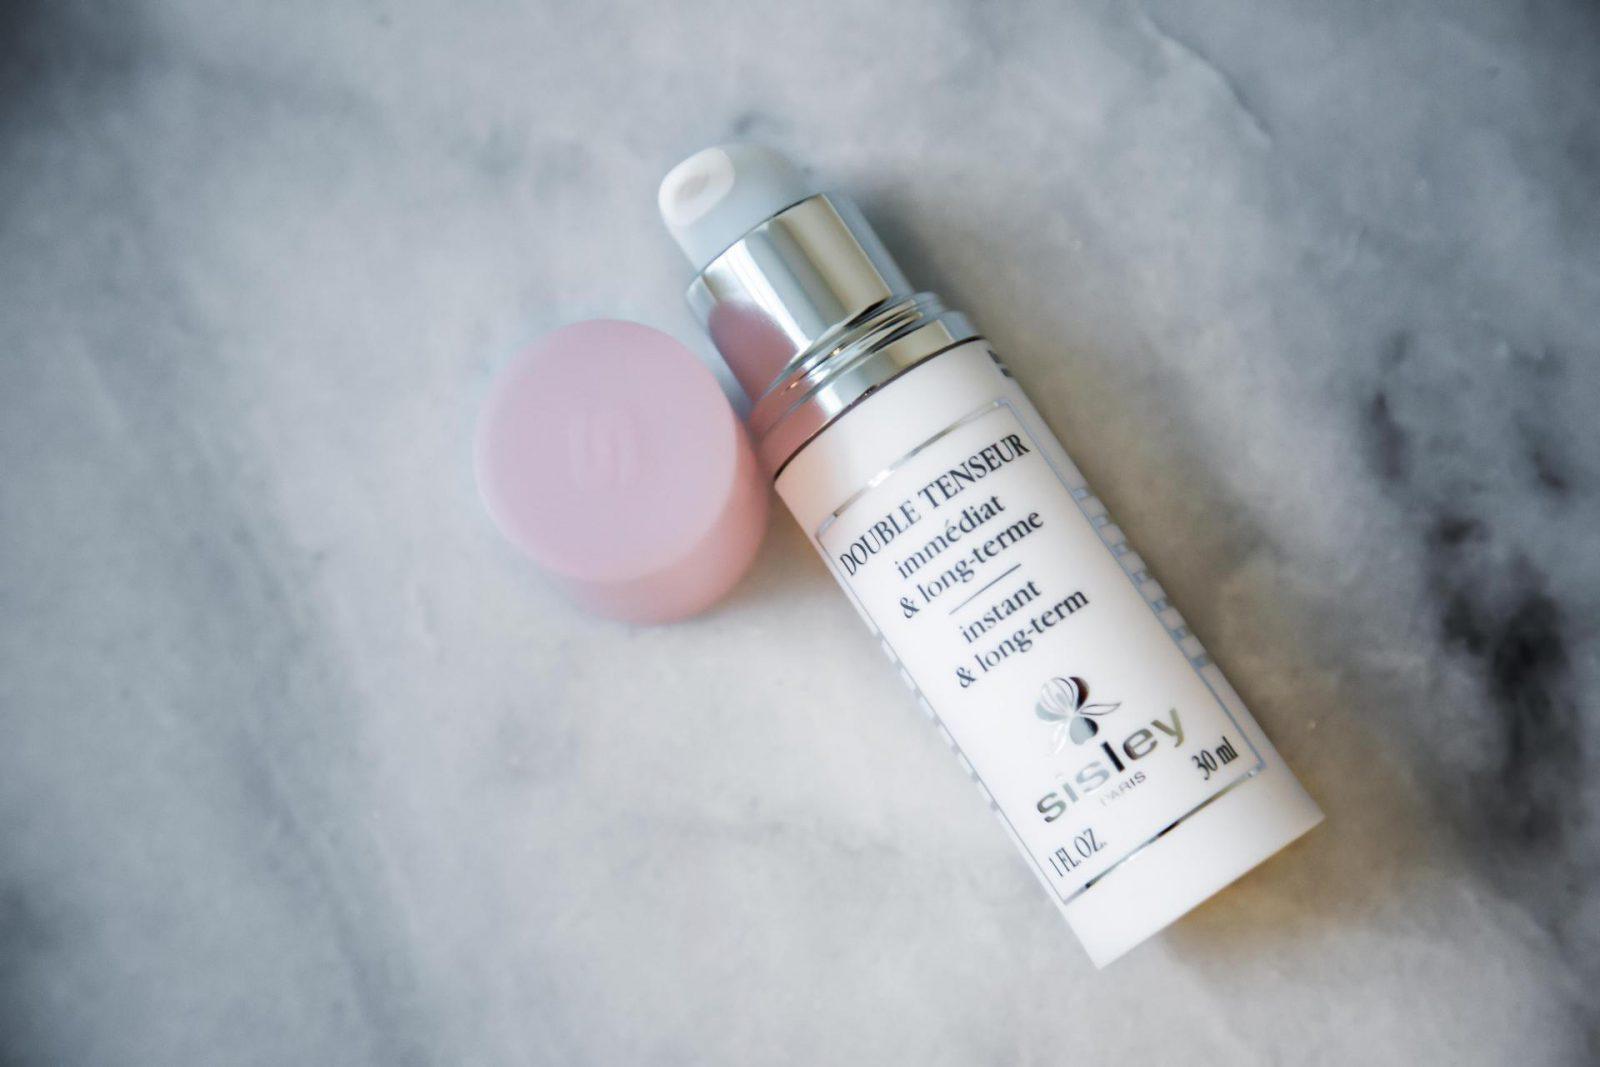 Sisley Paris Makeup Skincare Primer